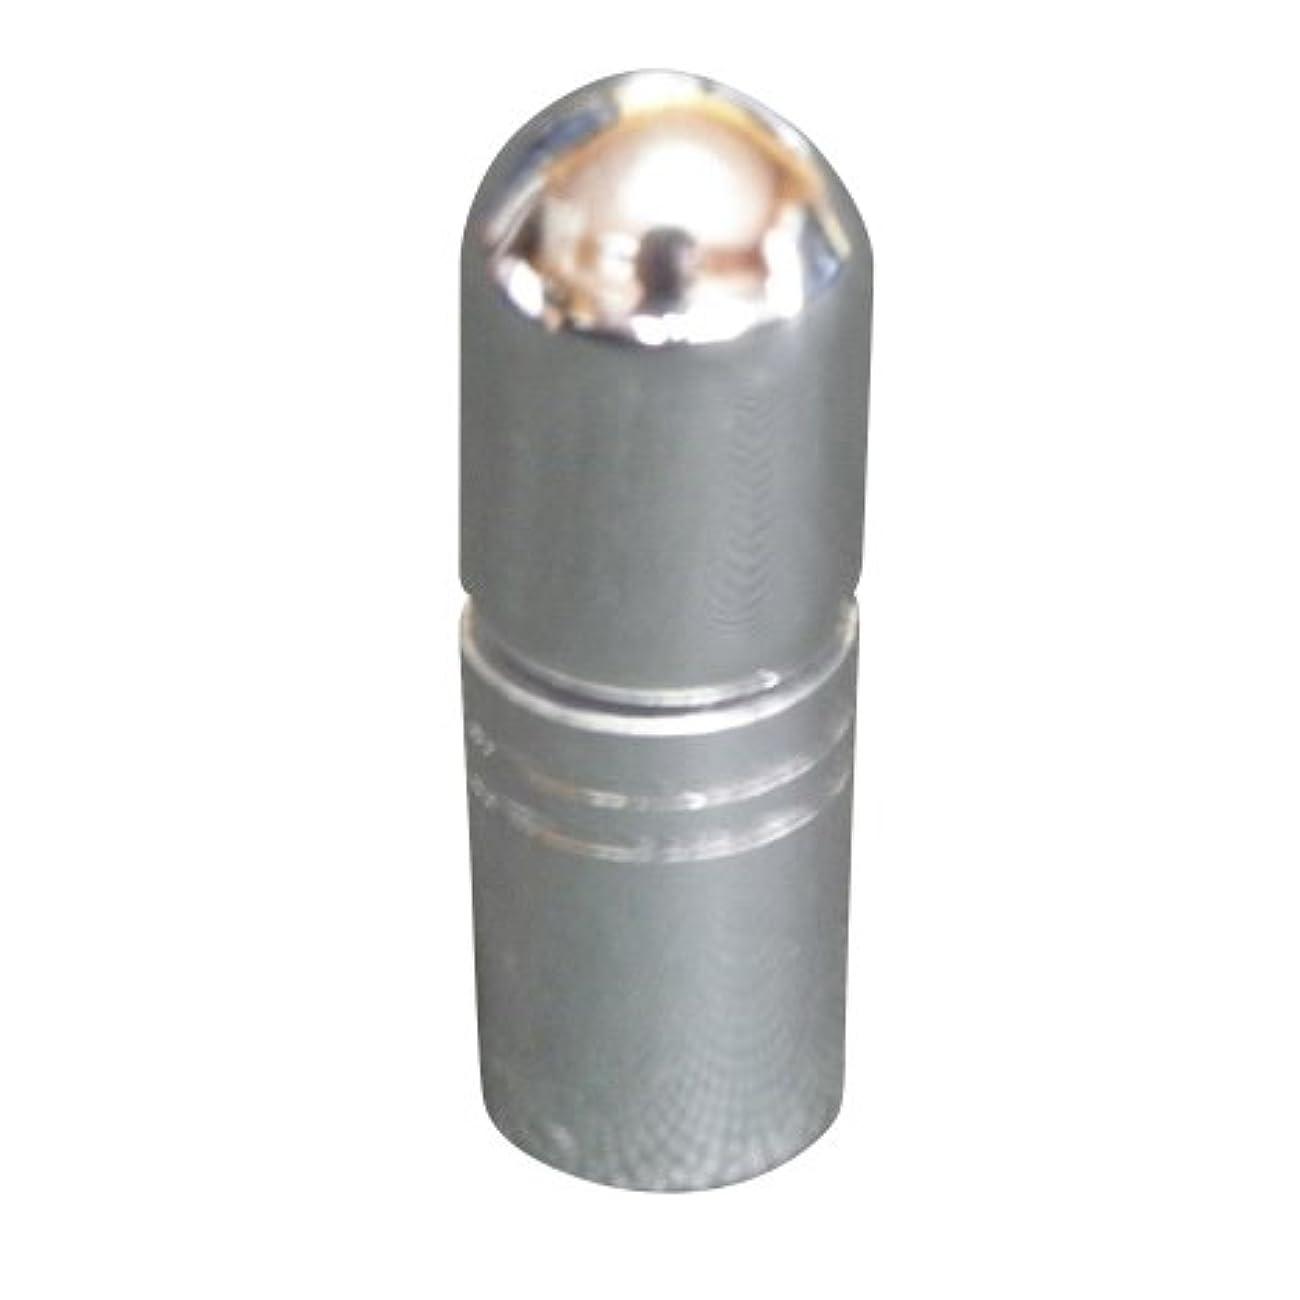 一致する潤滑するヒロインアトマイザー 携帯 持ち運び ミニ サイズ 3ml ロール オン タイプ 香水 詰め替え (シルバー)